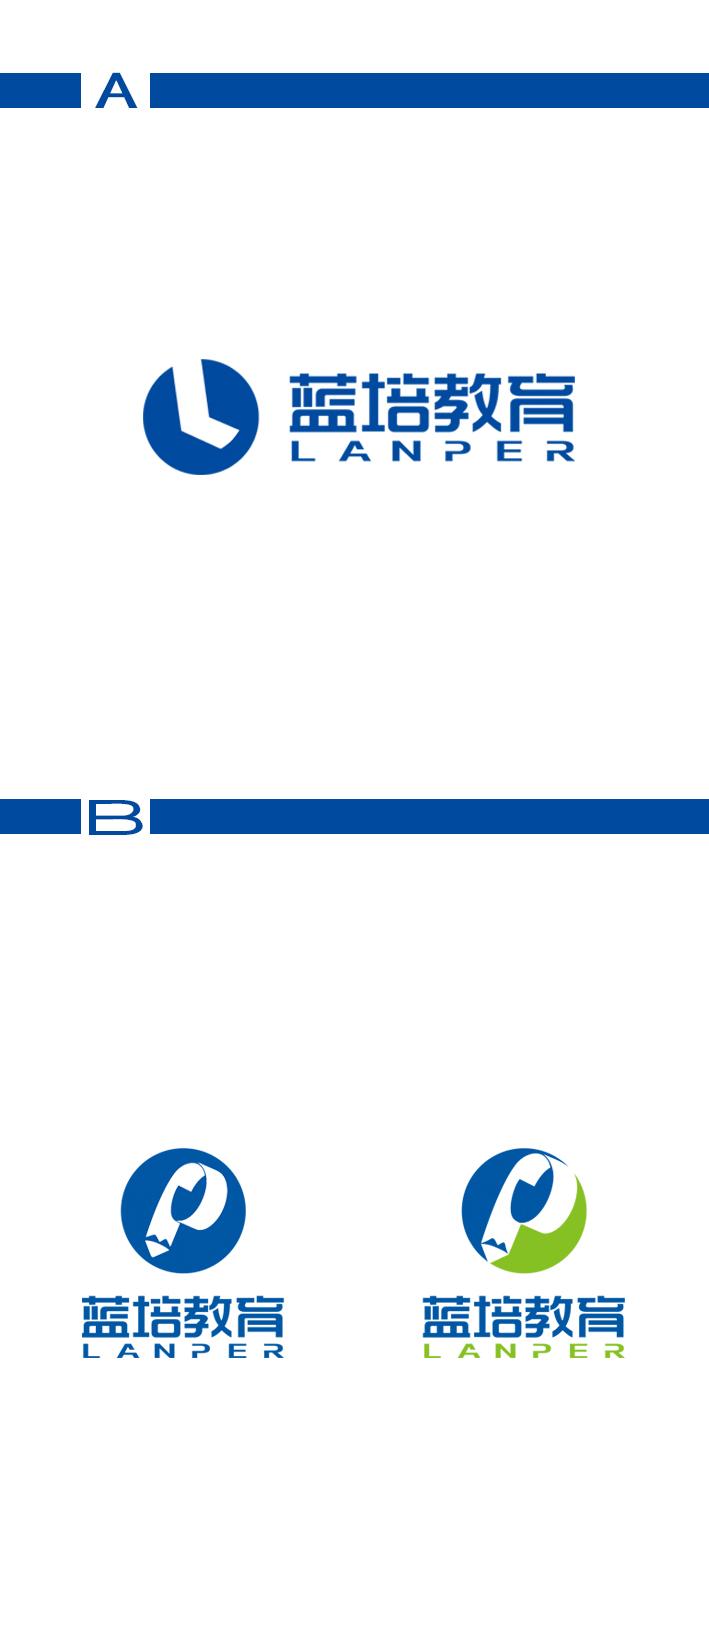 学校设计LOGO_3031650_k68威客网